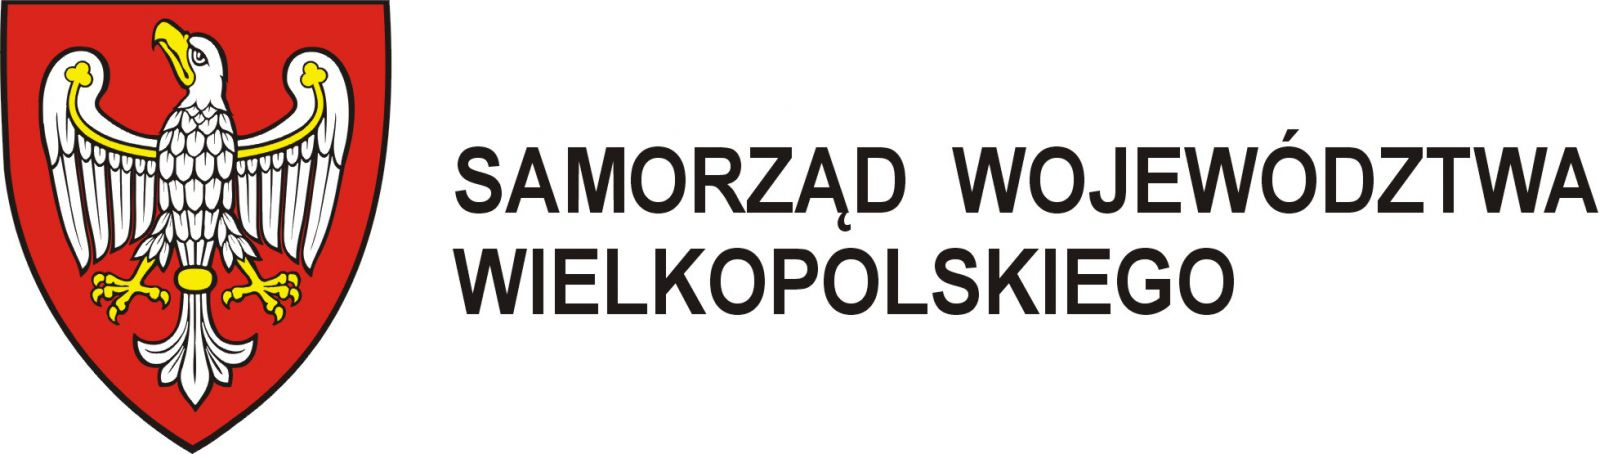 logo Samorządu Województwa Wielkopolskiego